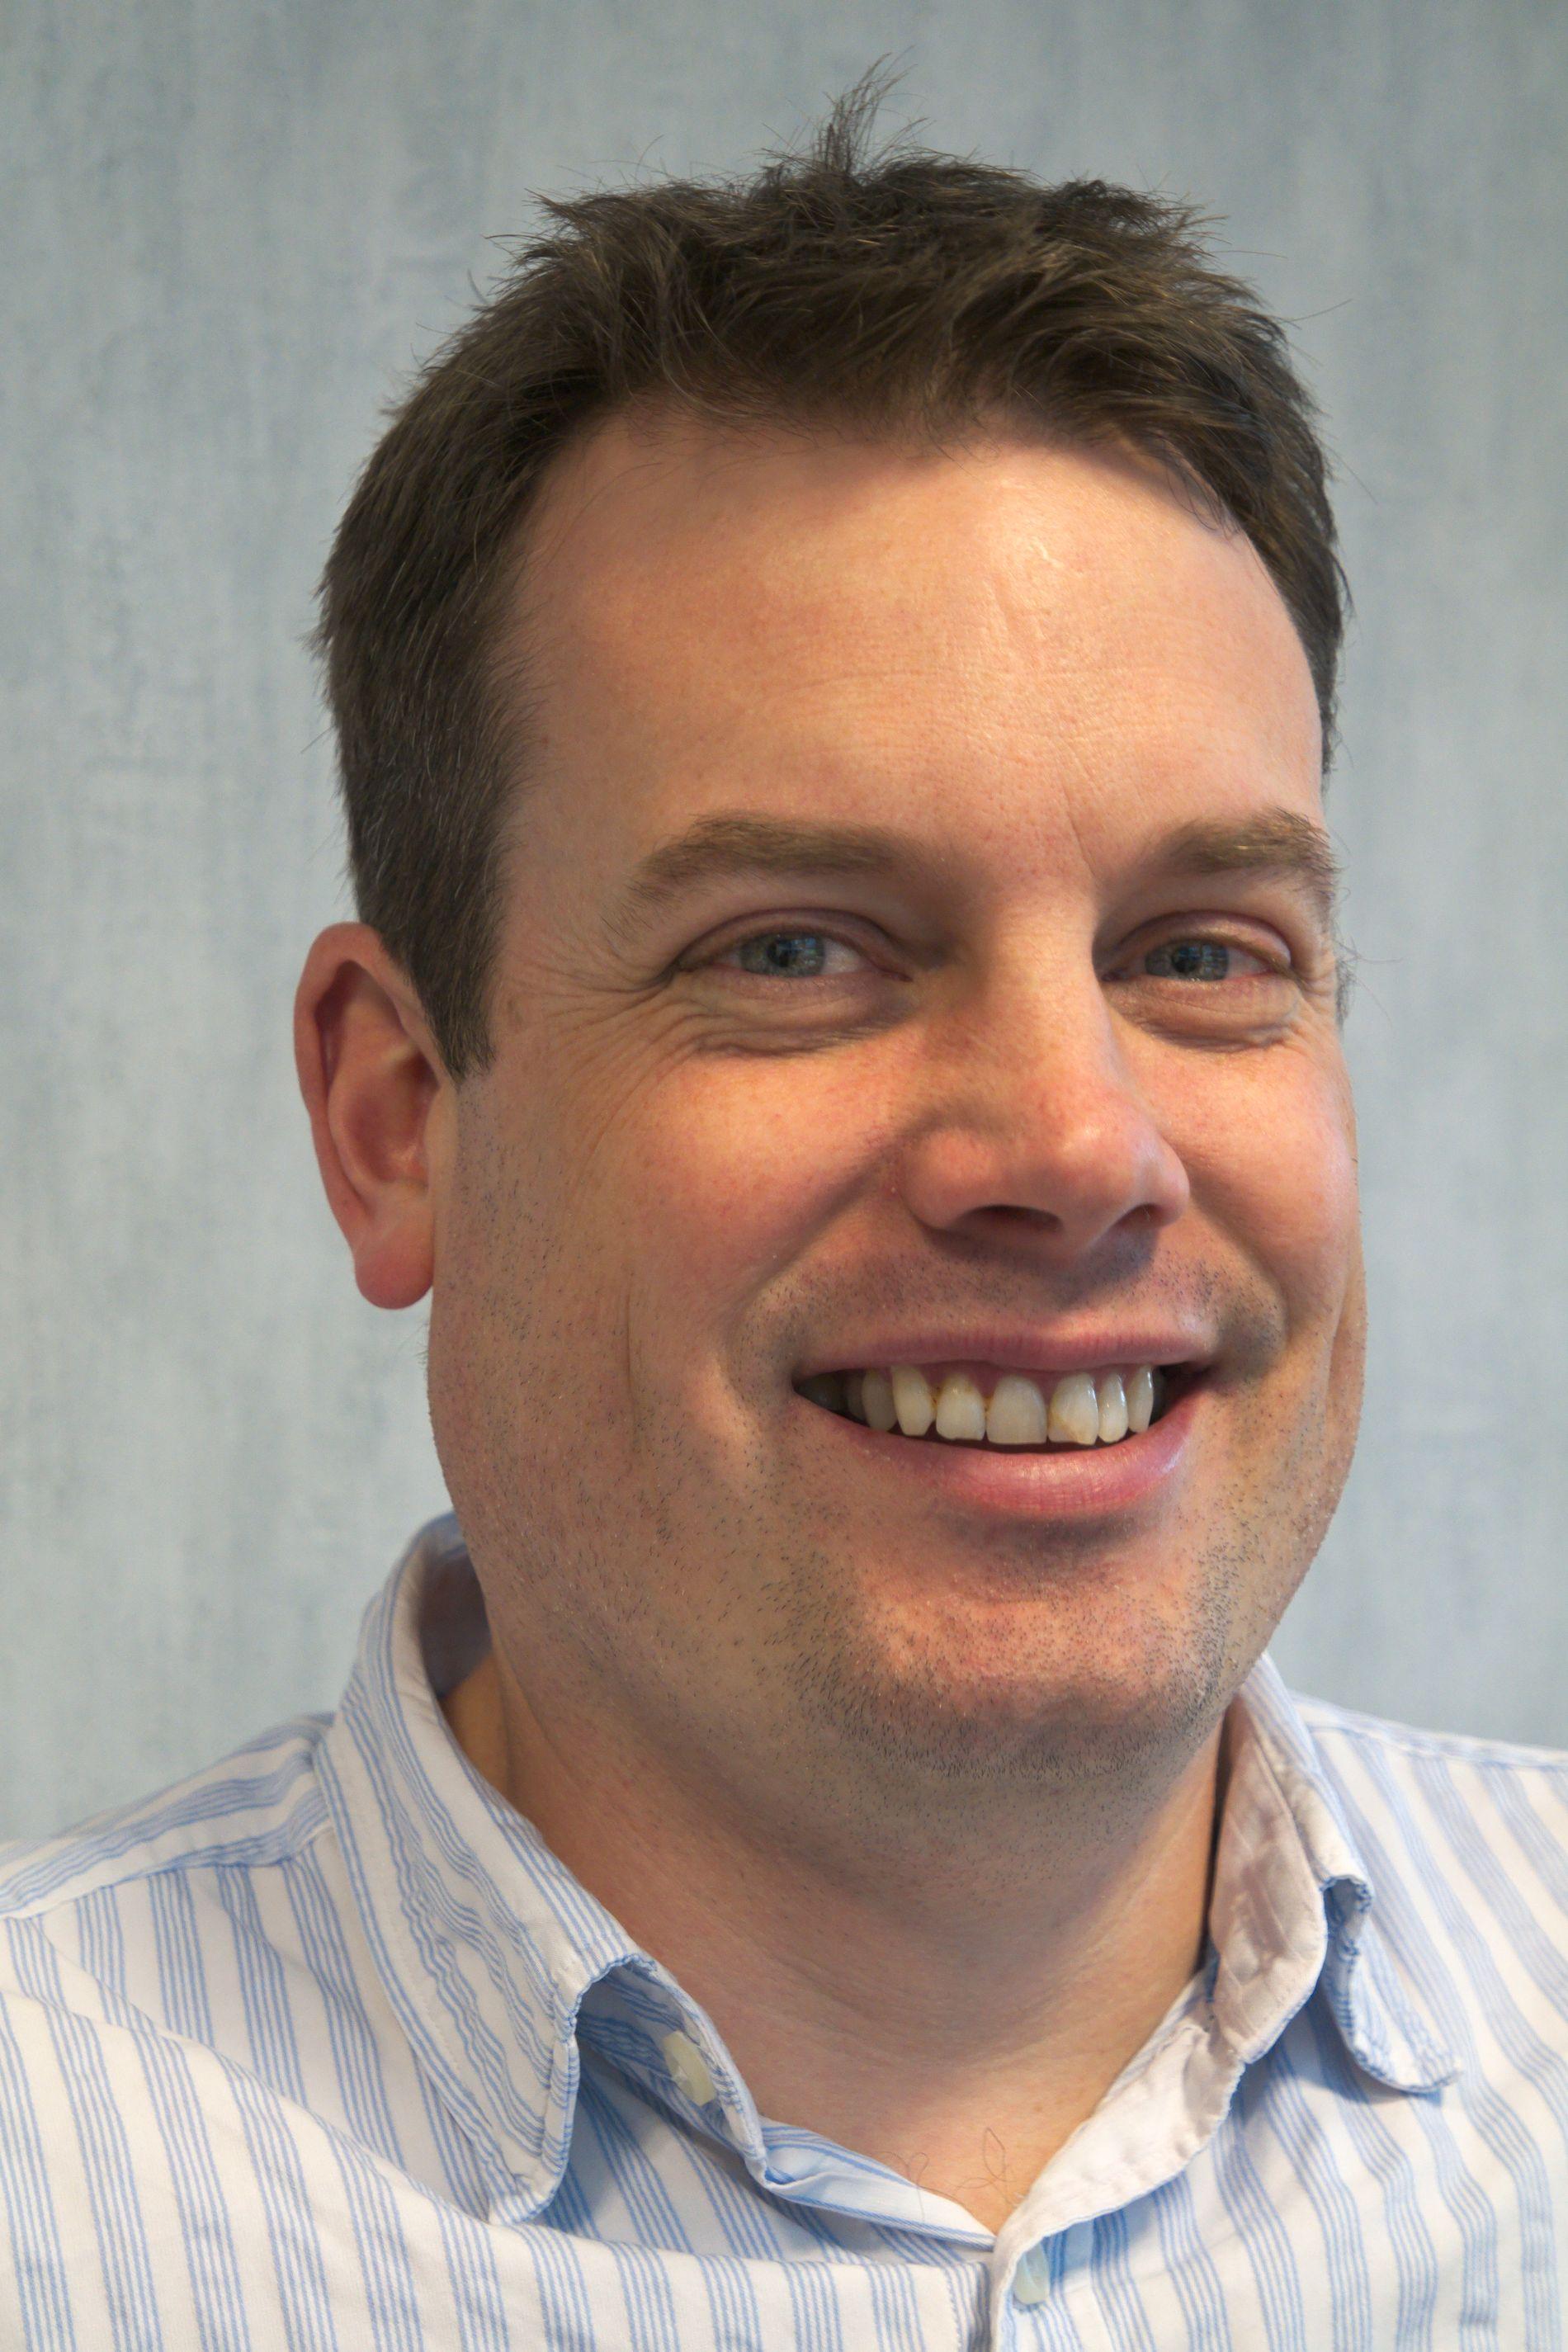 ARKITEKTUR-INGENIØREN: Rob Sykes jobber ved OCZs forskning- og utviklingssenter i Abingdon, Storbritannia. Oppgaven er sørge for at SSD-ene de lager er de mest pålitelige og beste på markedet.